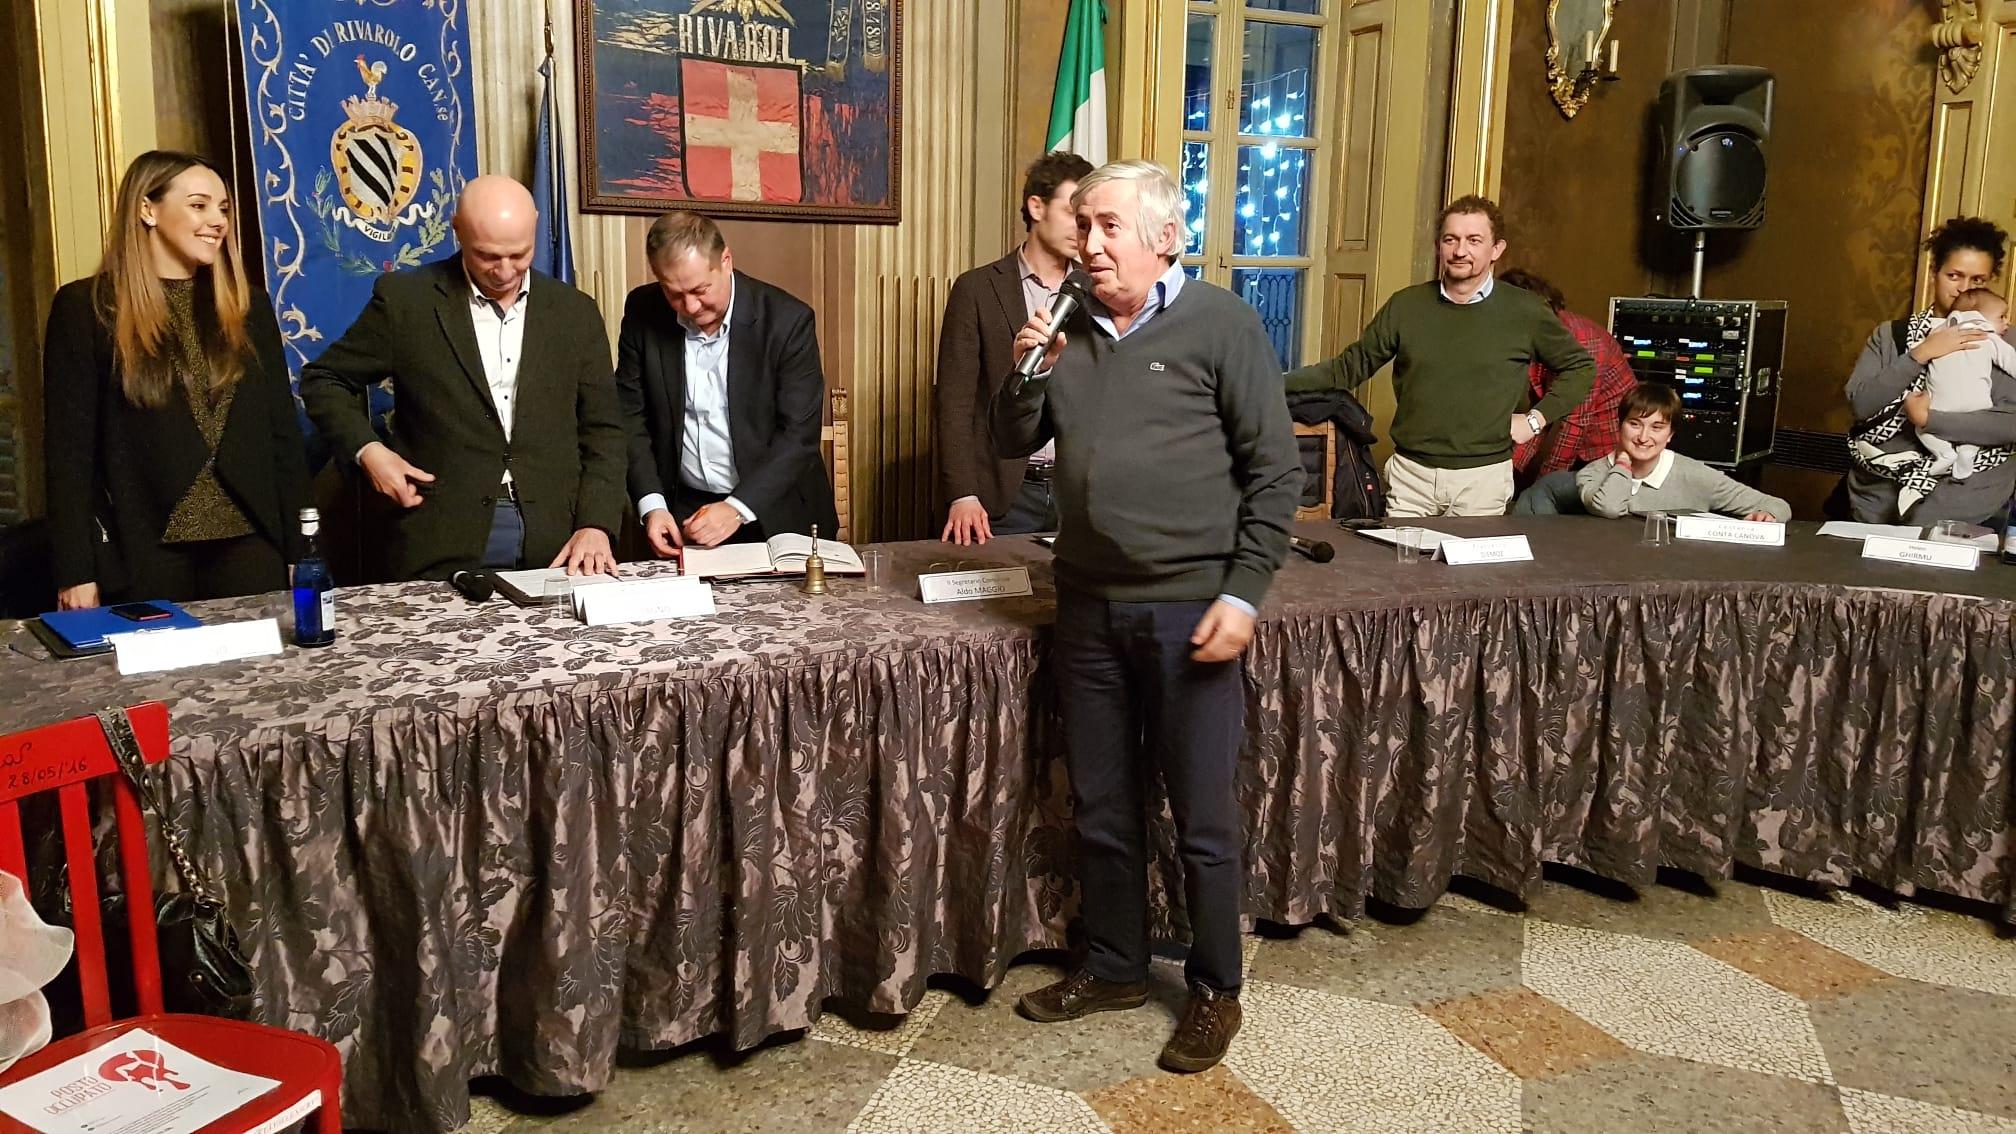 RIVAROLO - Ultimo giorno di lavoro per il mitico ragioniere del Comune, Domenico Farina